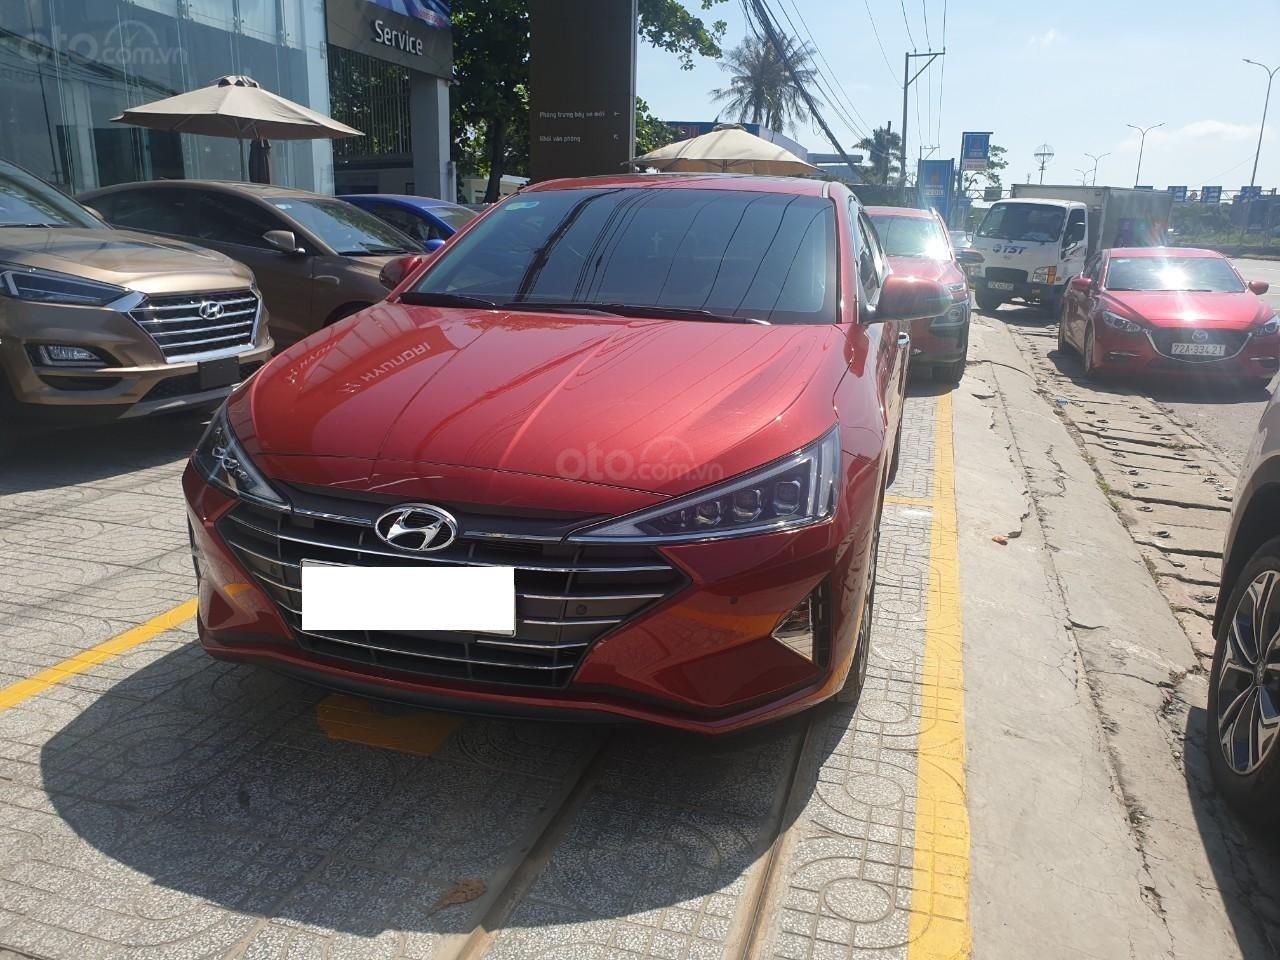 Hyundai Elantra 2.0 ĐB sản xuất 2019, đủ màu giao ngay liên hệ Mr. Quang 0936167272 (1)